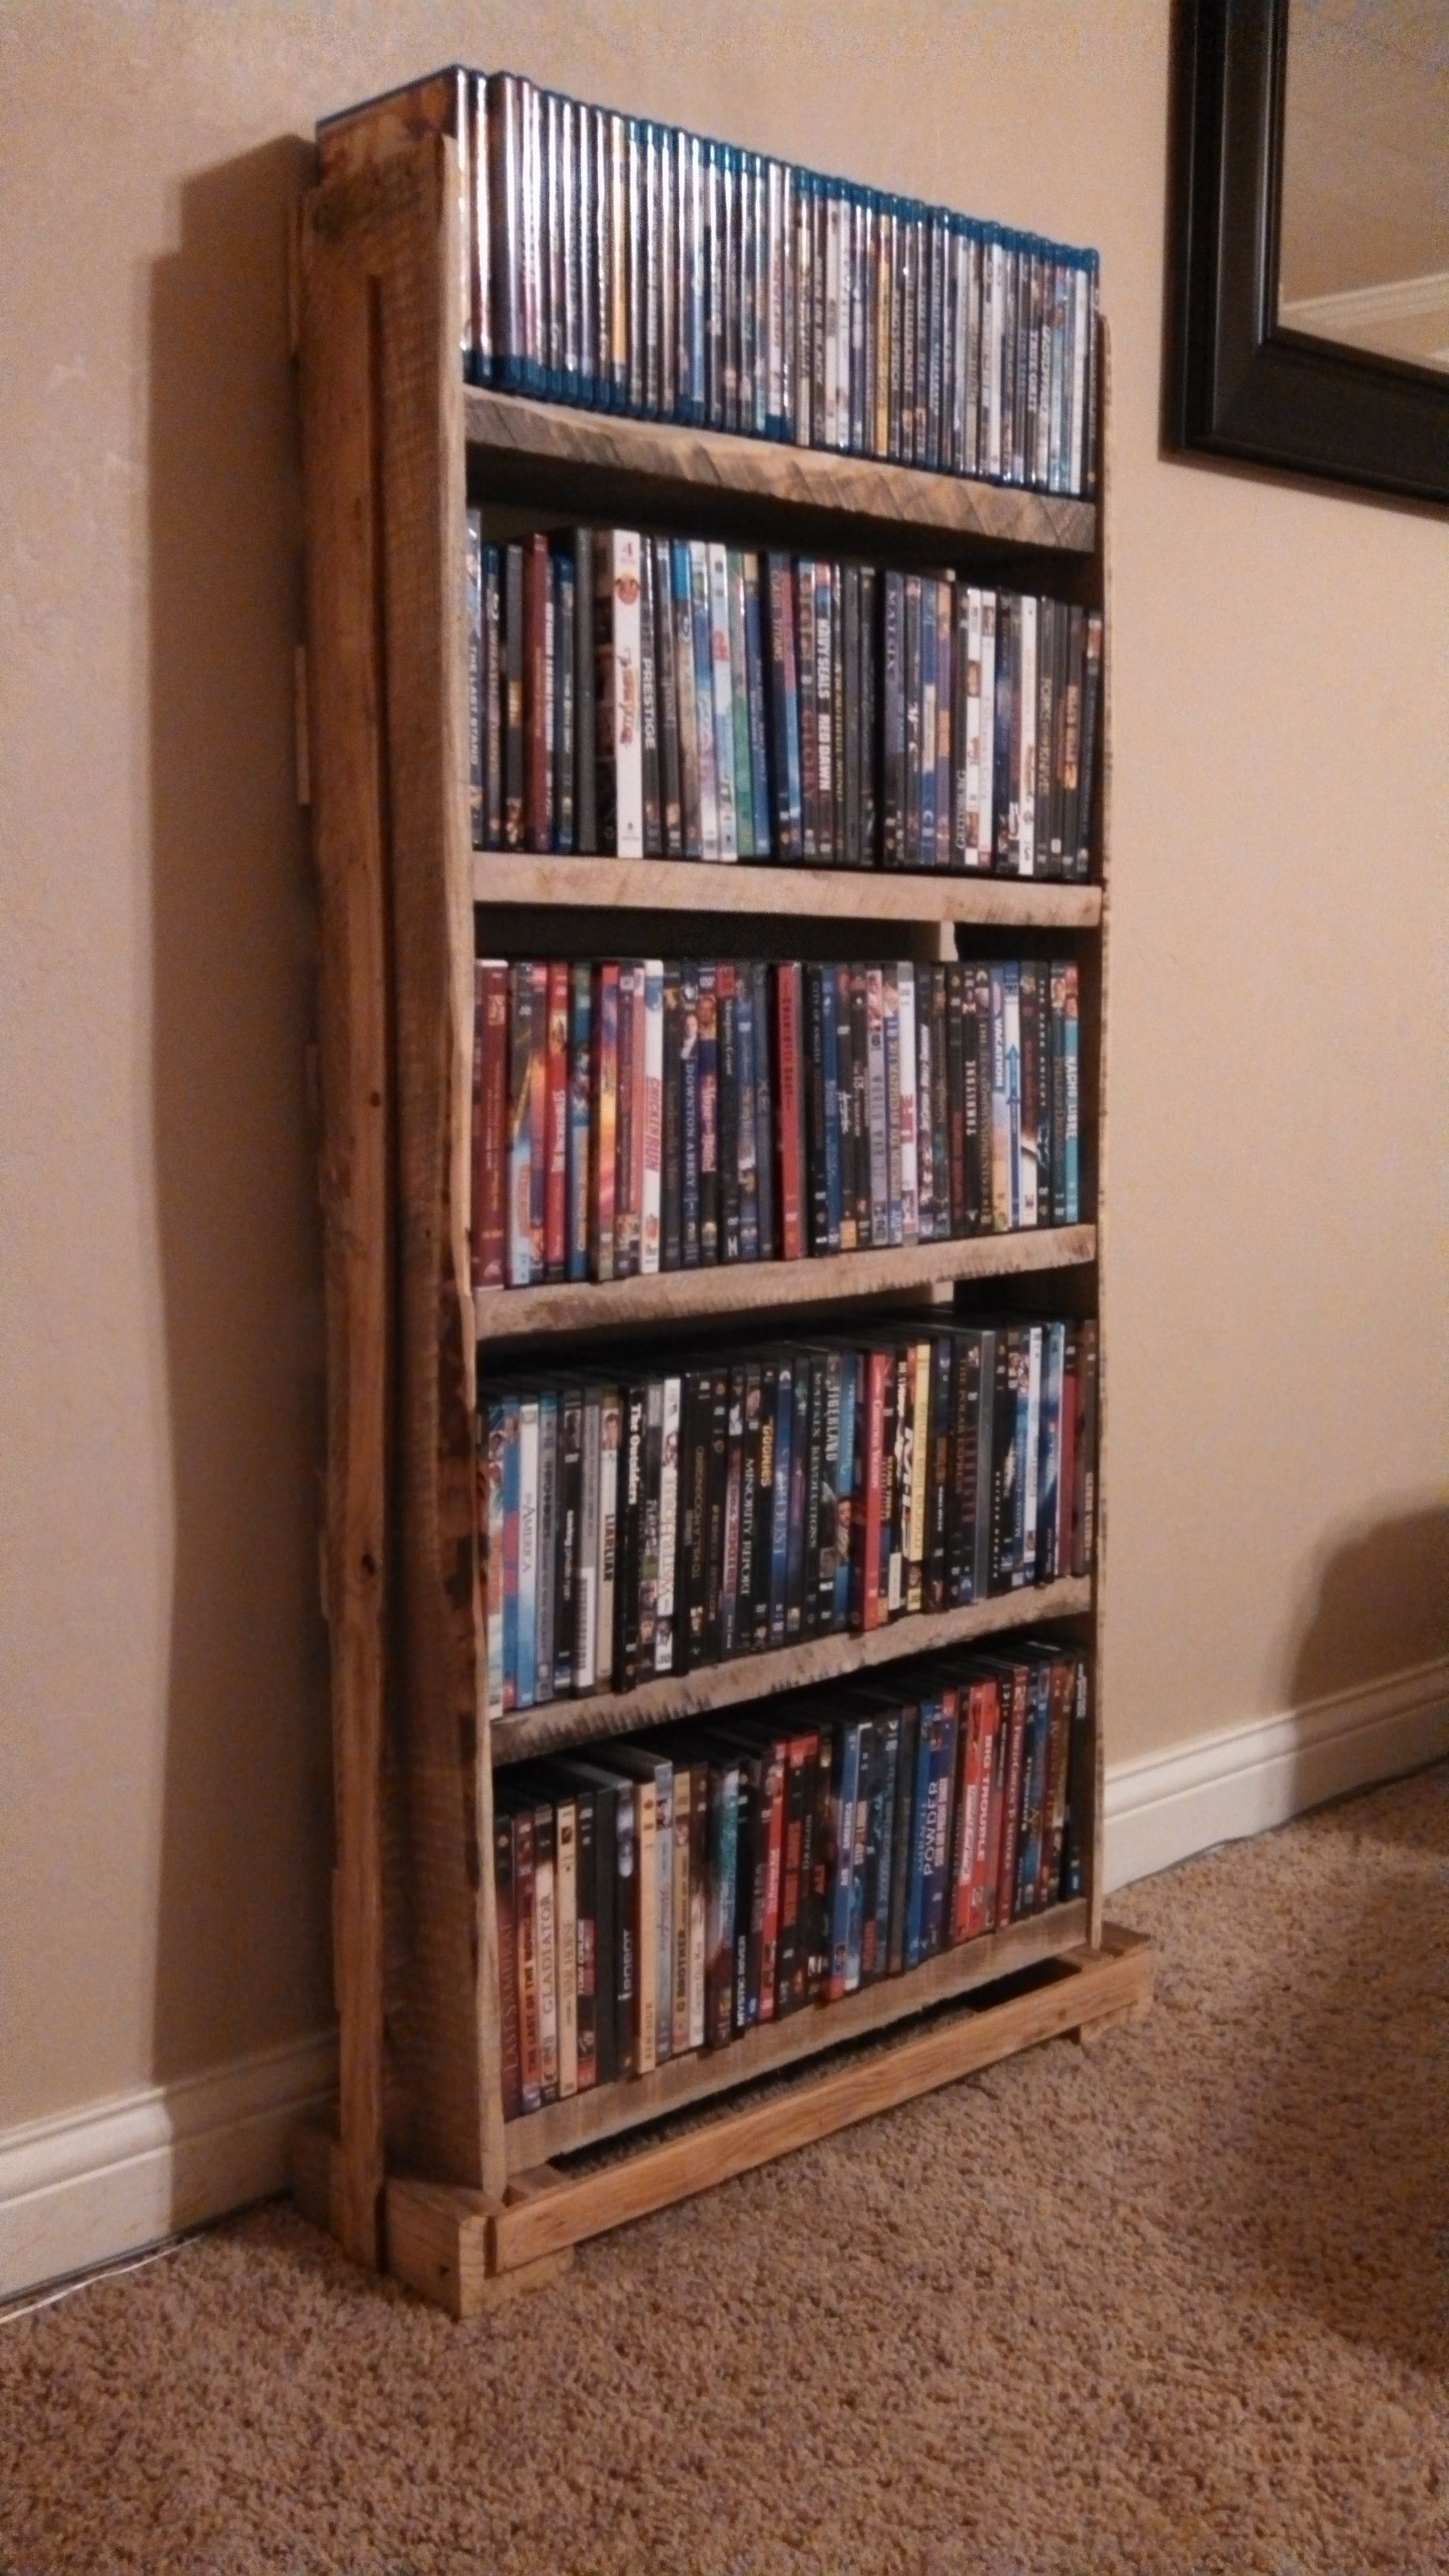 Space Saving Dvd Storage Ideia Diferente Para Os Pallets Use Os Como Estante De Livros E